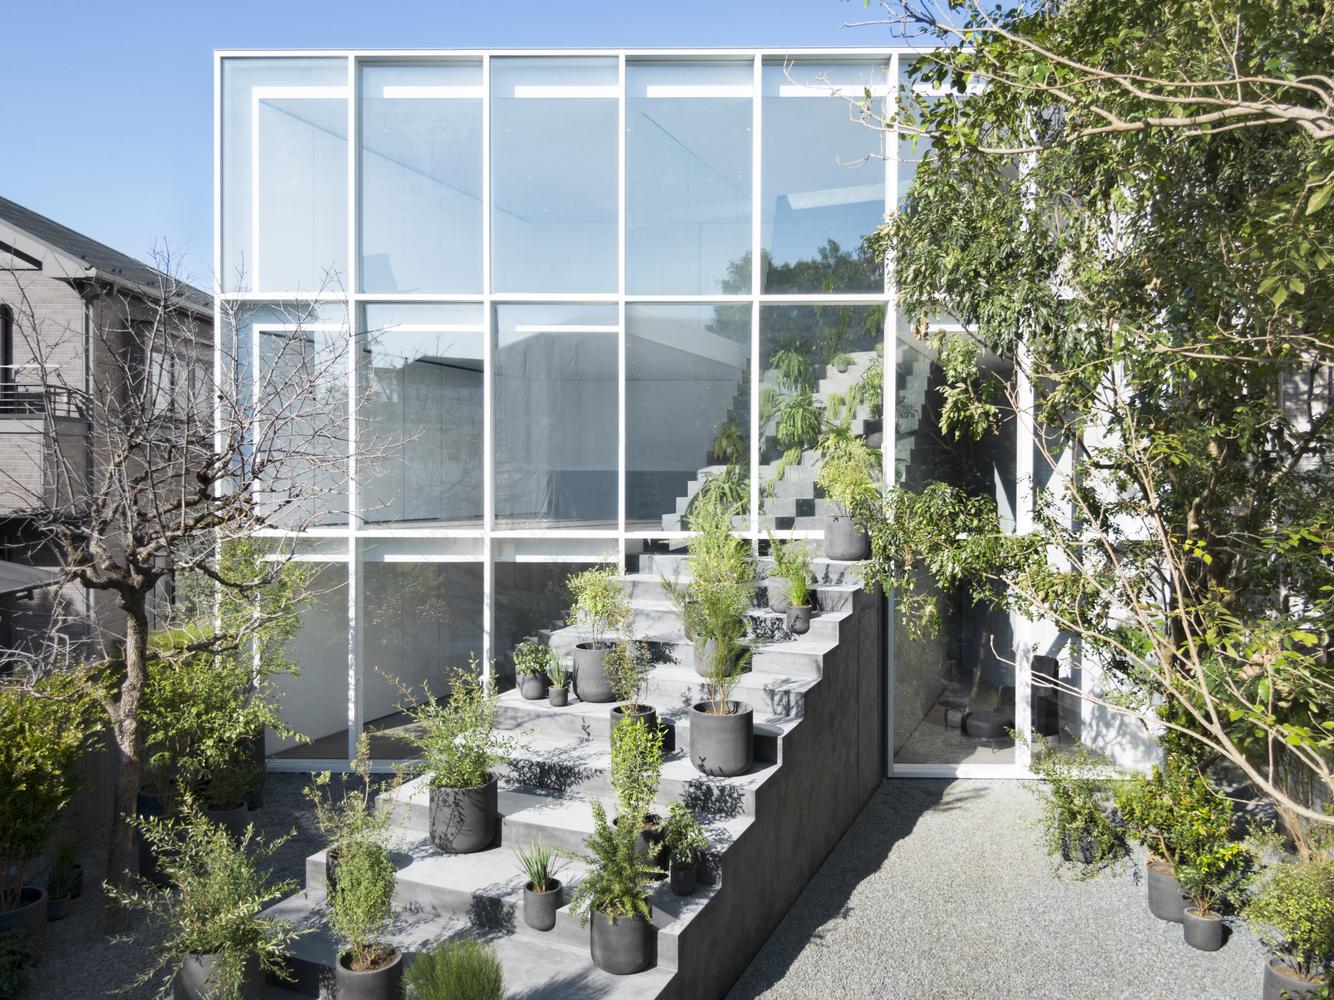 Tendencias en diseño y construcción del 2020: Lo recurrente, popular, relevante y sustancial,Stairway House / nendo. Image © Takumi Ota